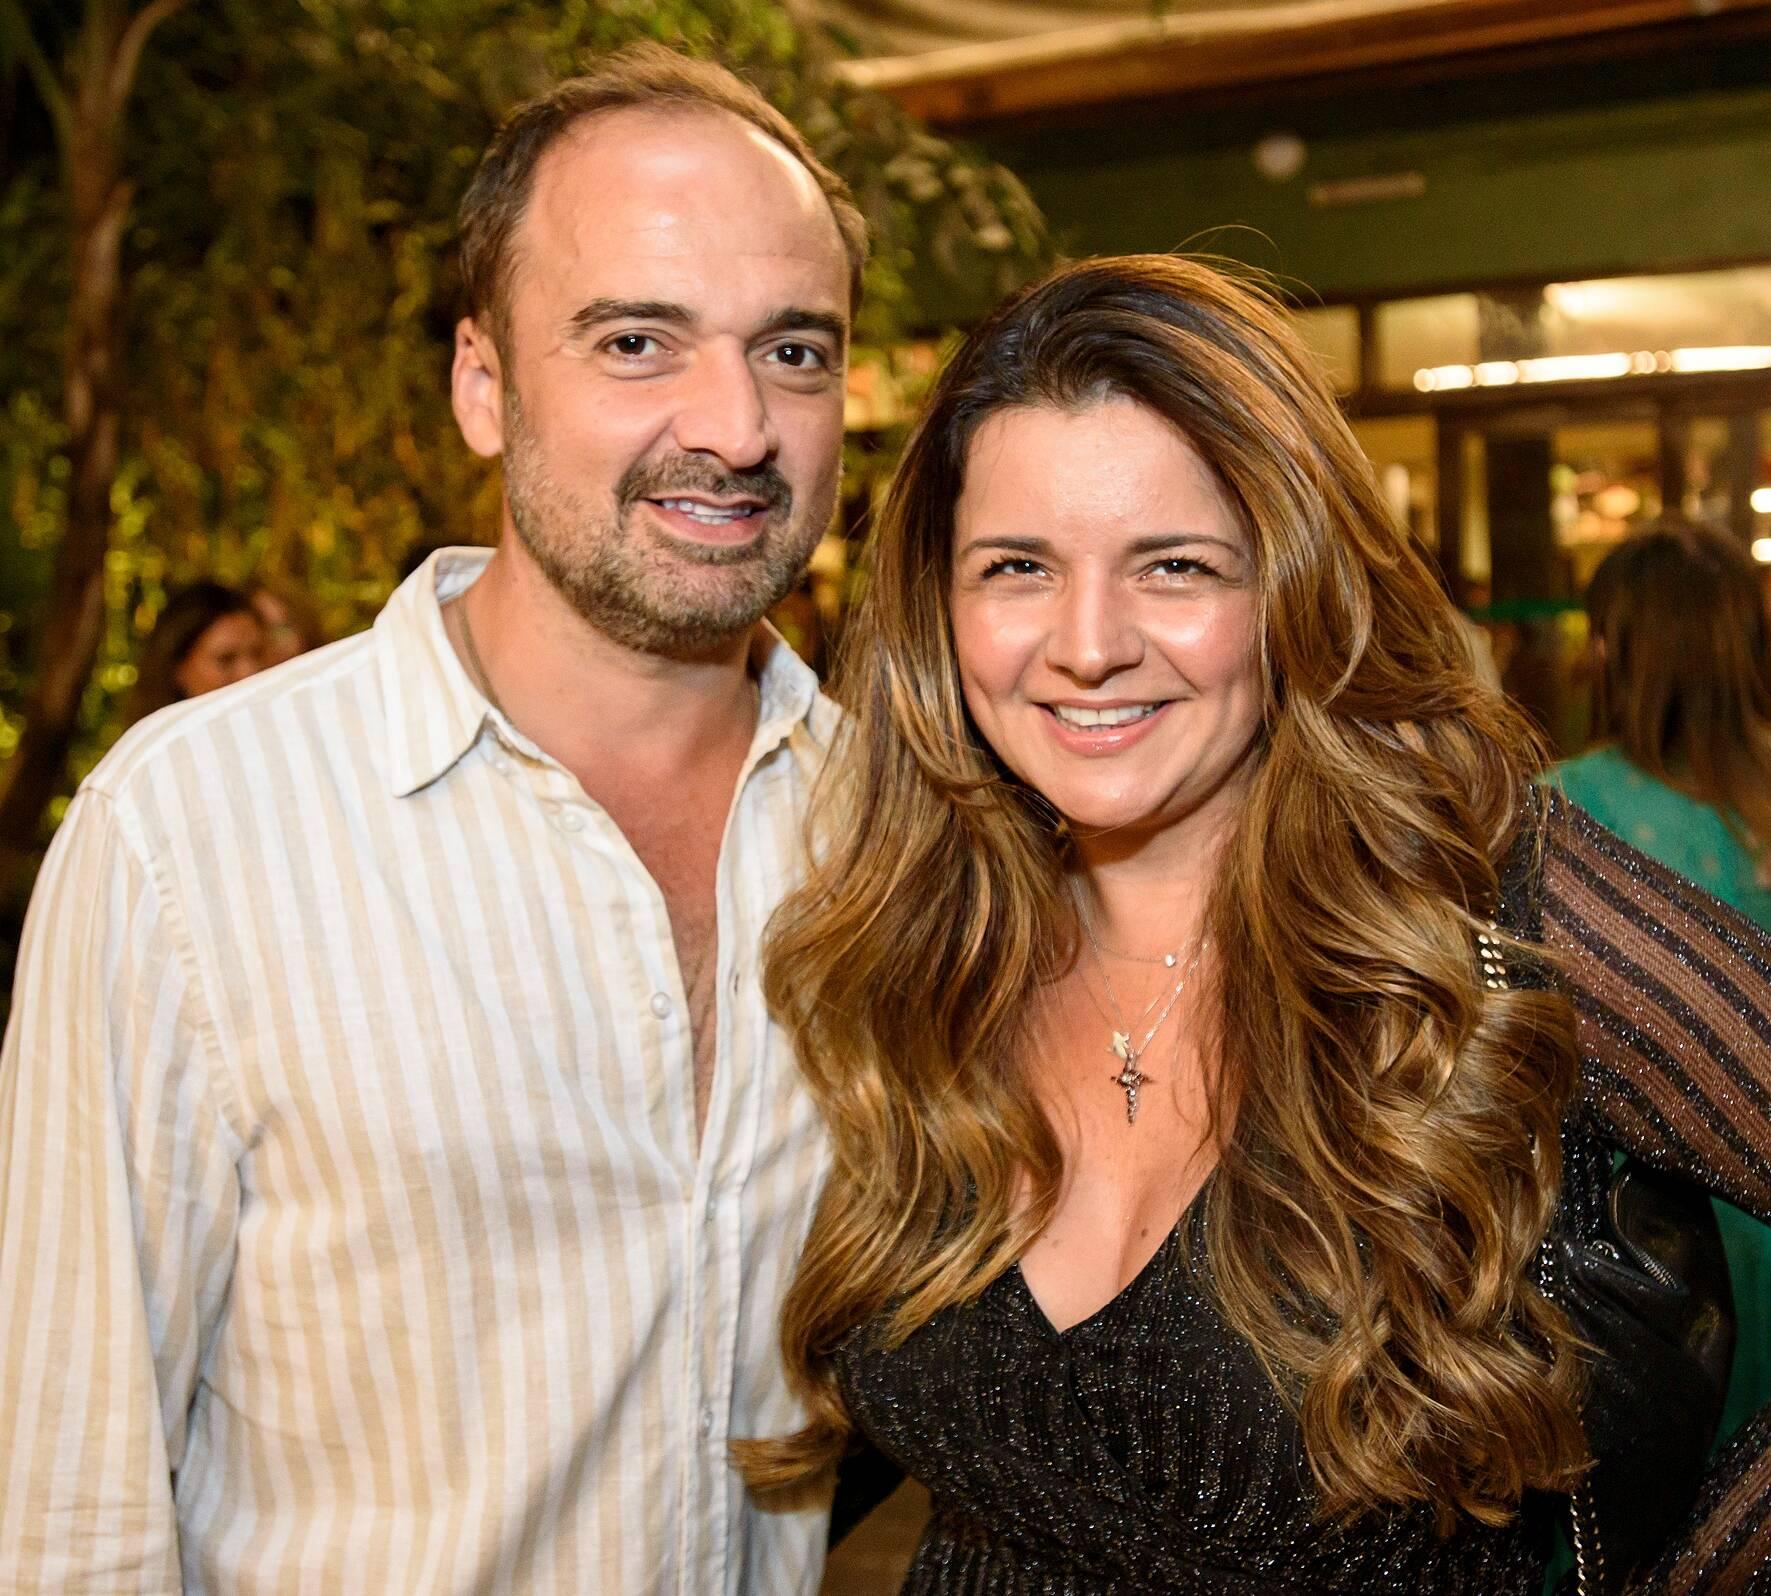 Junior Alexandre e Marcia Rostheuser / Foto: RicaLucas